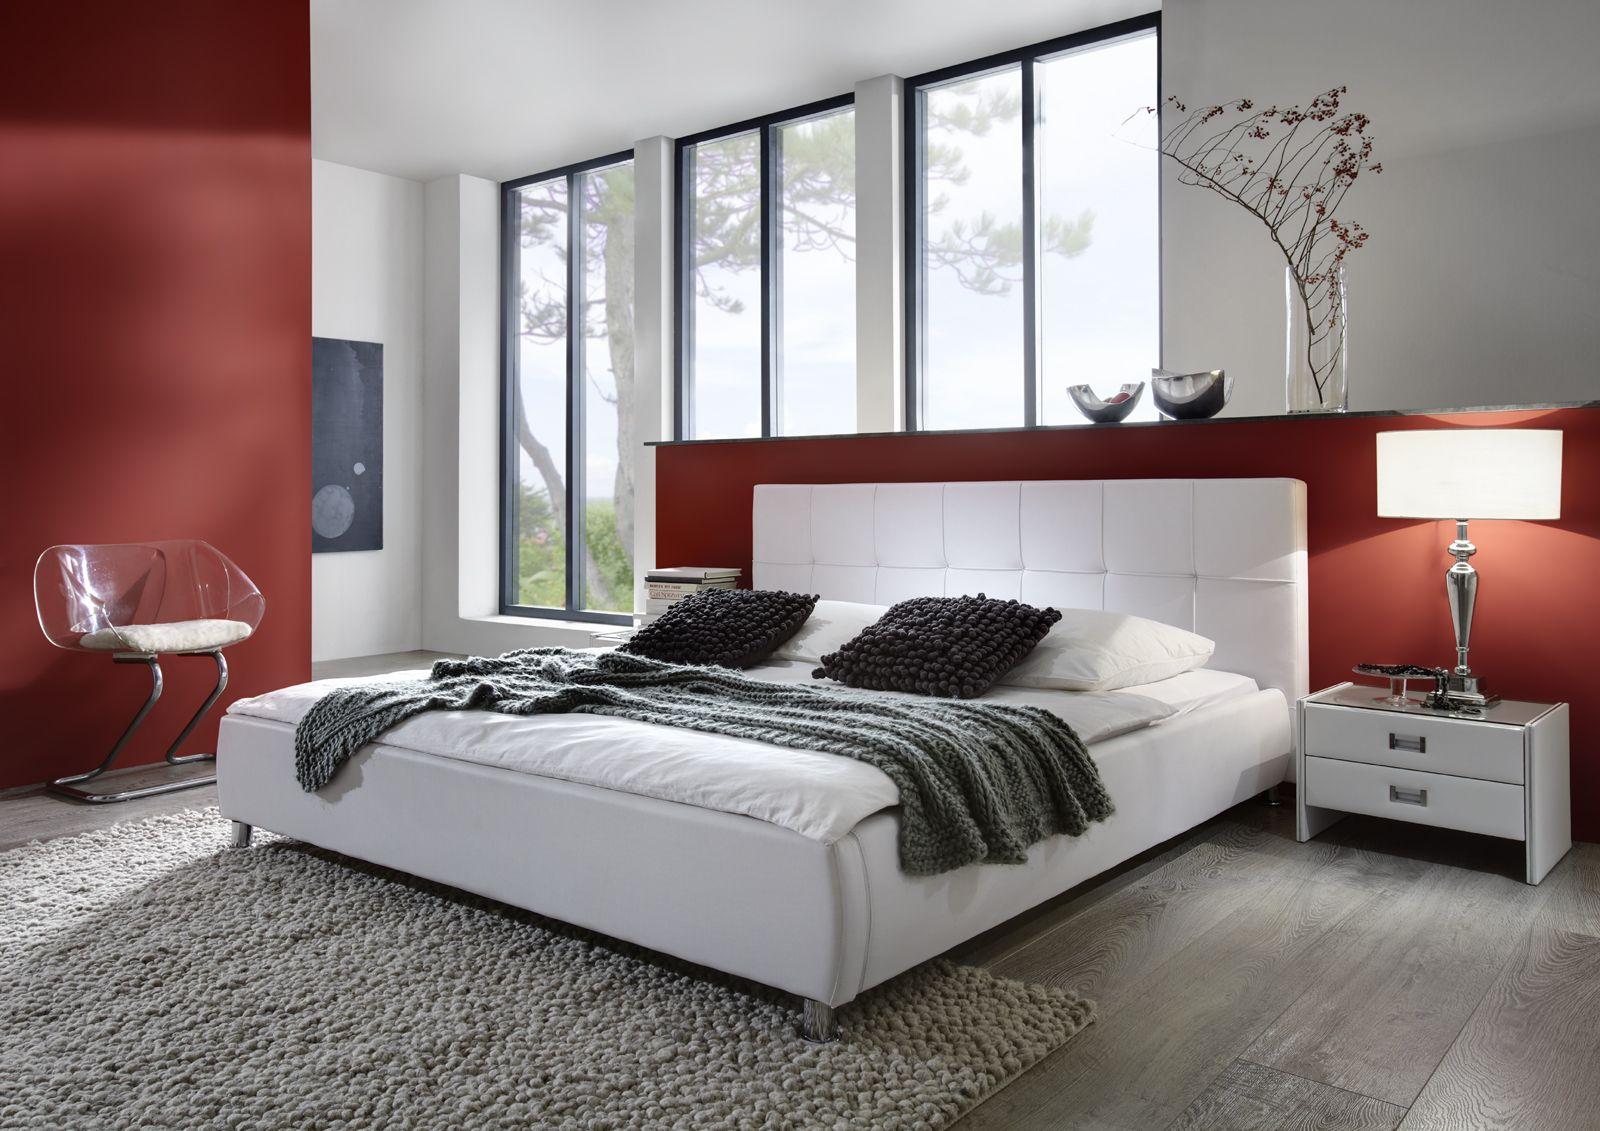 Wunderbar Polsterbett 180x200 Das Beste Von Sam® 180 X 200 Cm Weiß Zarah